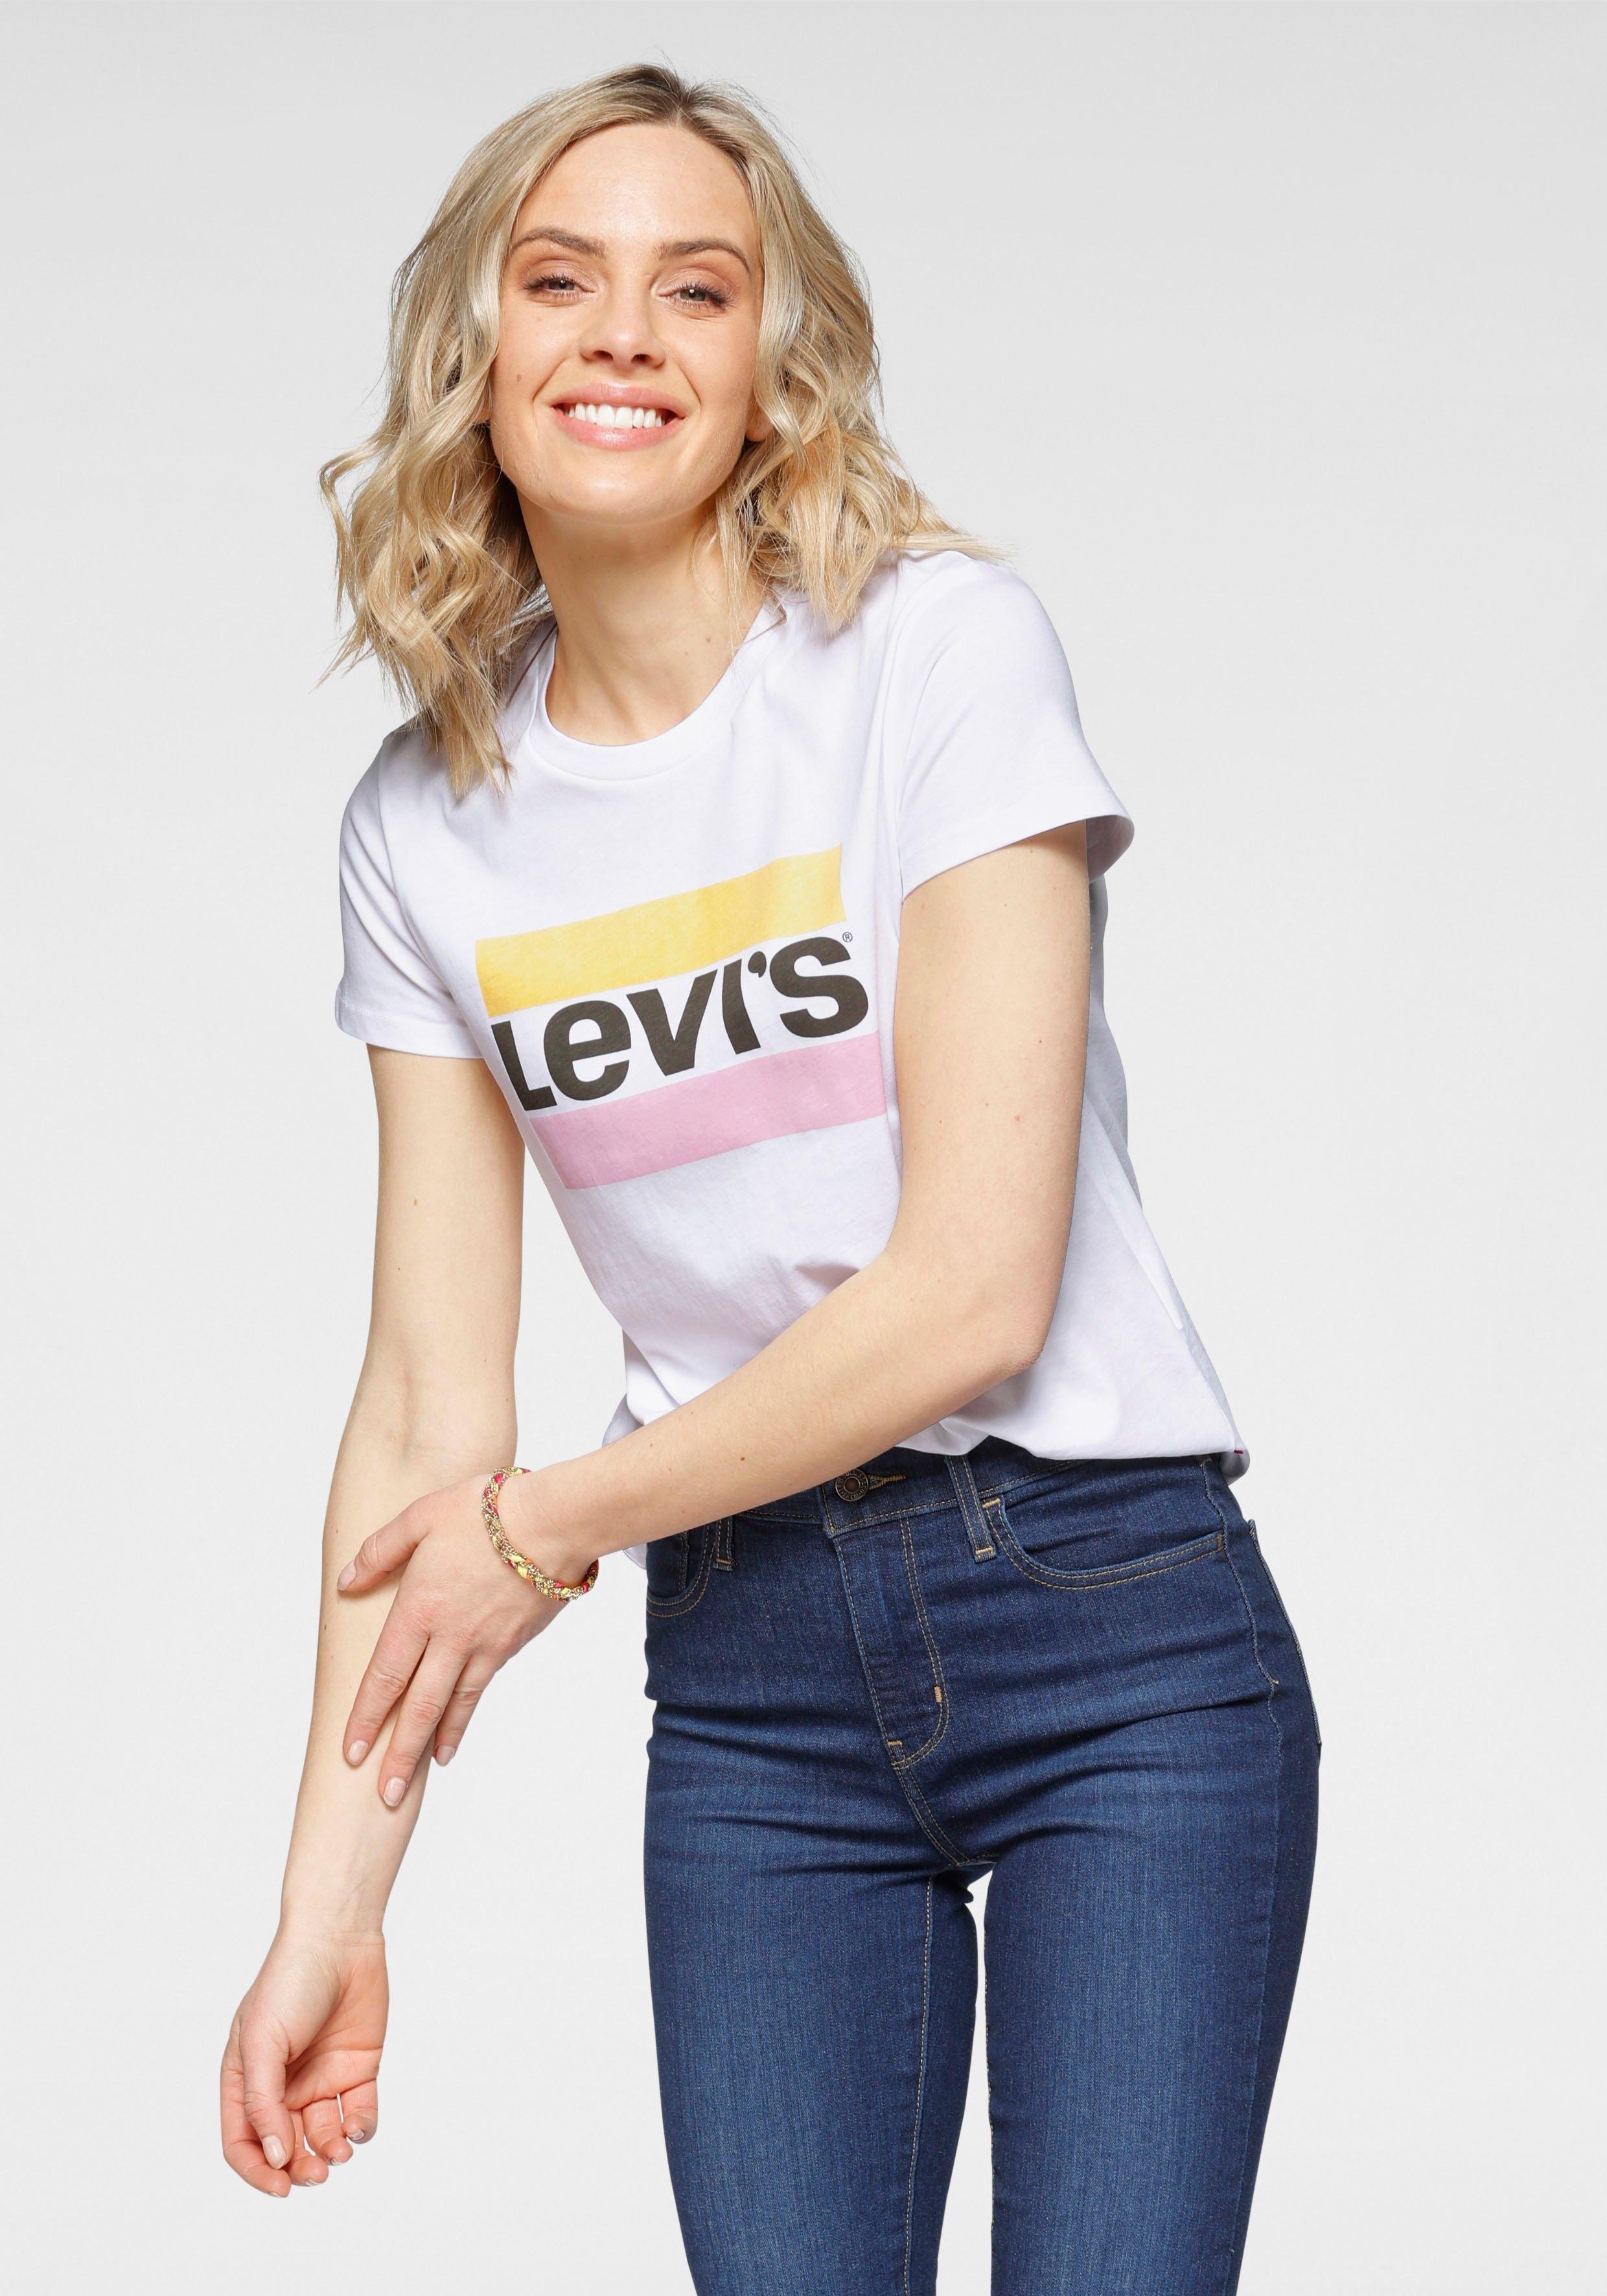 Levi's T-shirt Graphic Sport Tee Pride Edition Logoprint op borsthoogte bestellen: 30 dagen bedenktijd